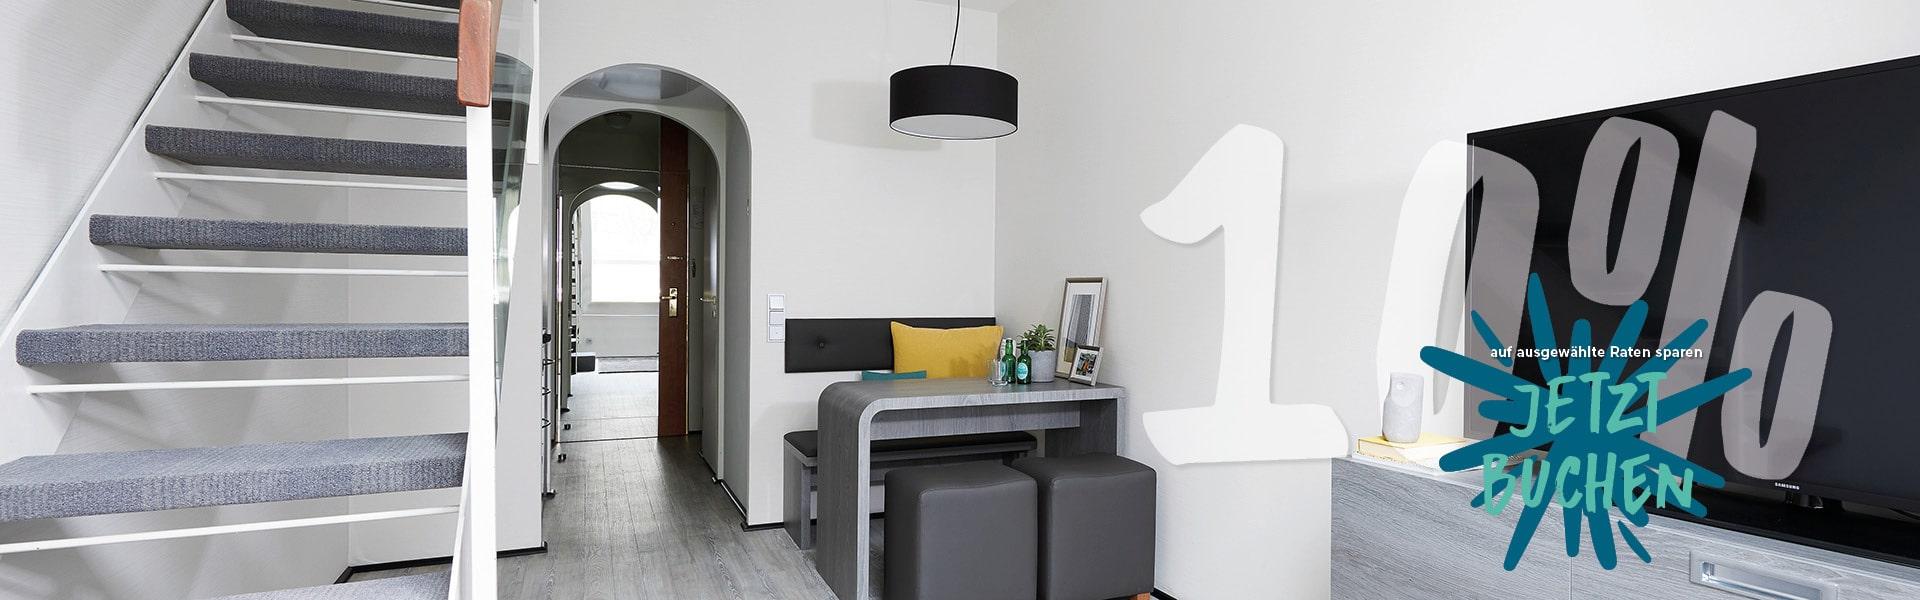 Living Hotels Sale Special Rates Munich Nuremberg Dusseldorf Berlin Bonn Vienna